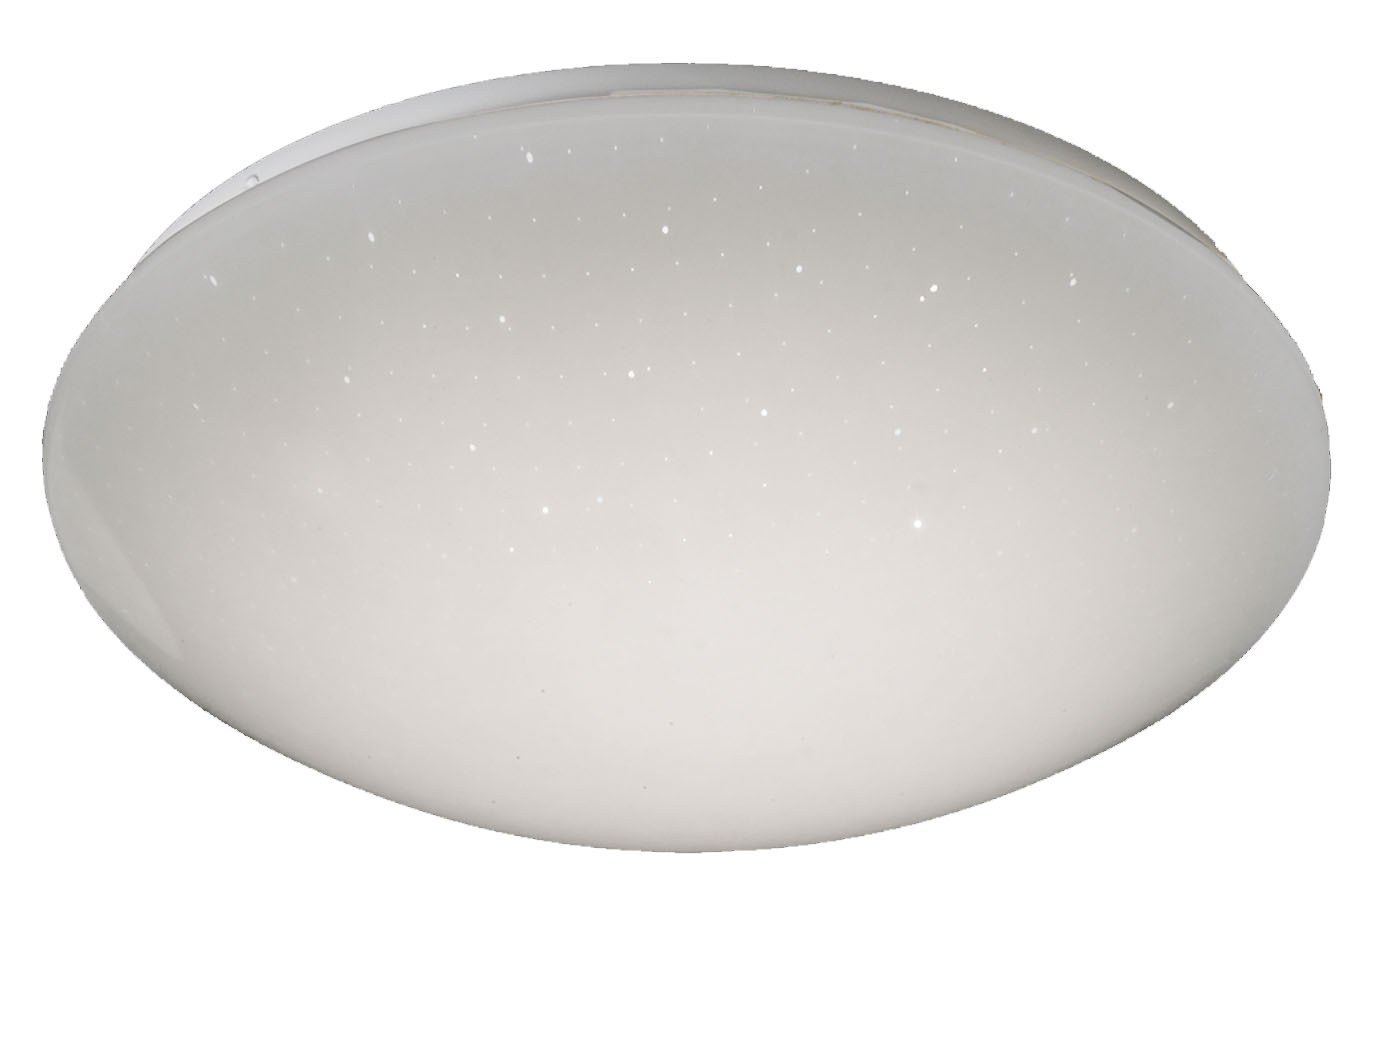 Deckenlampe Schlafzimmer Led #26: Honsel-LED-Deckenleuchte-HEAVEN-rund-36cm-Sterndekor-Deckenlampe-